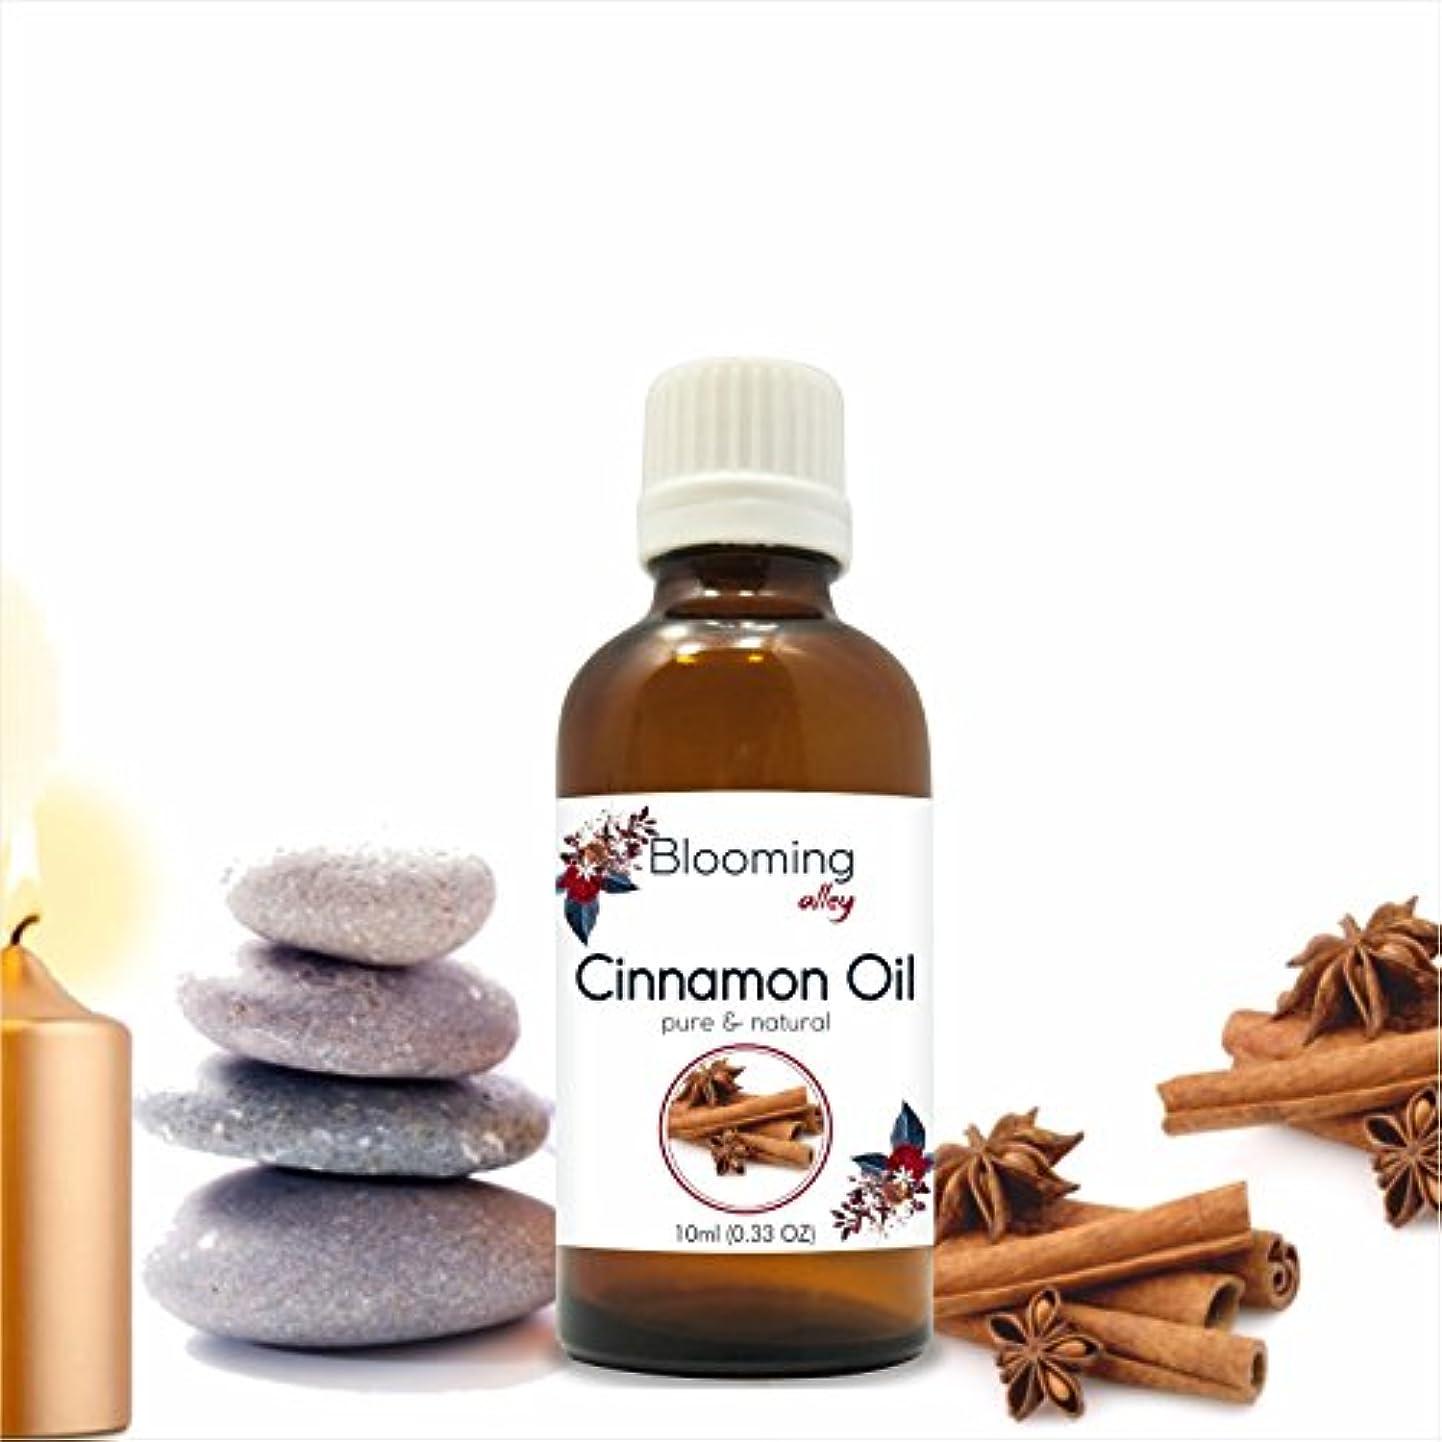 失業者予言する包囲Cinnamon Oil (Cinnamomum Cassia) Essential Oil 10 ml or 0.33 Fl Oz by Blooming Alley